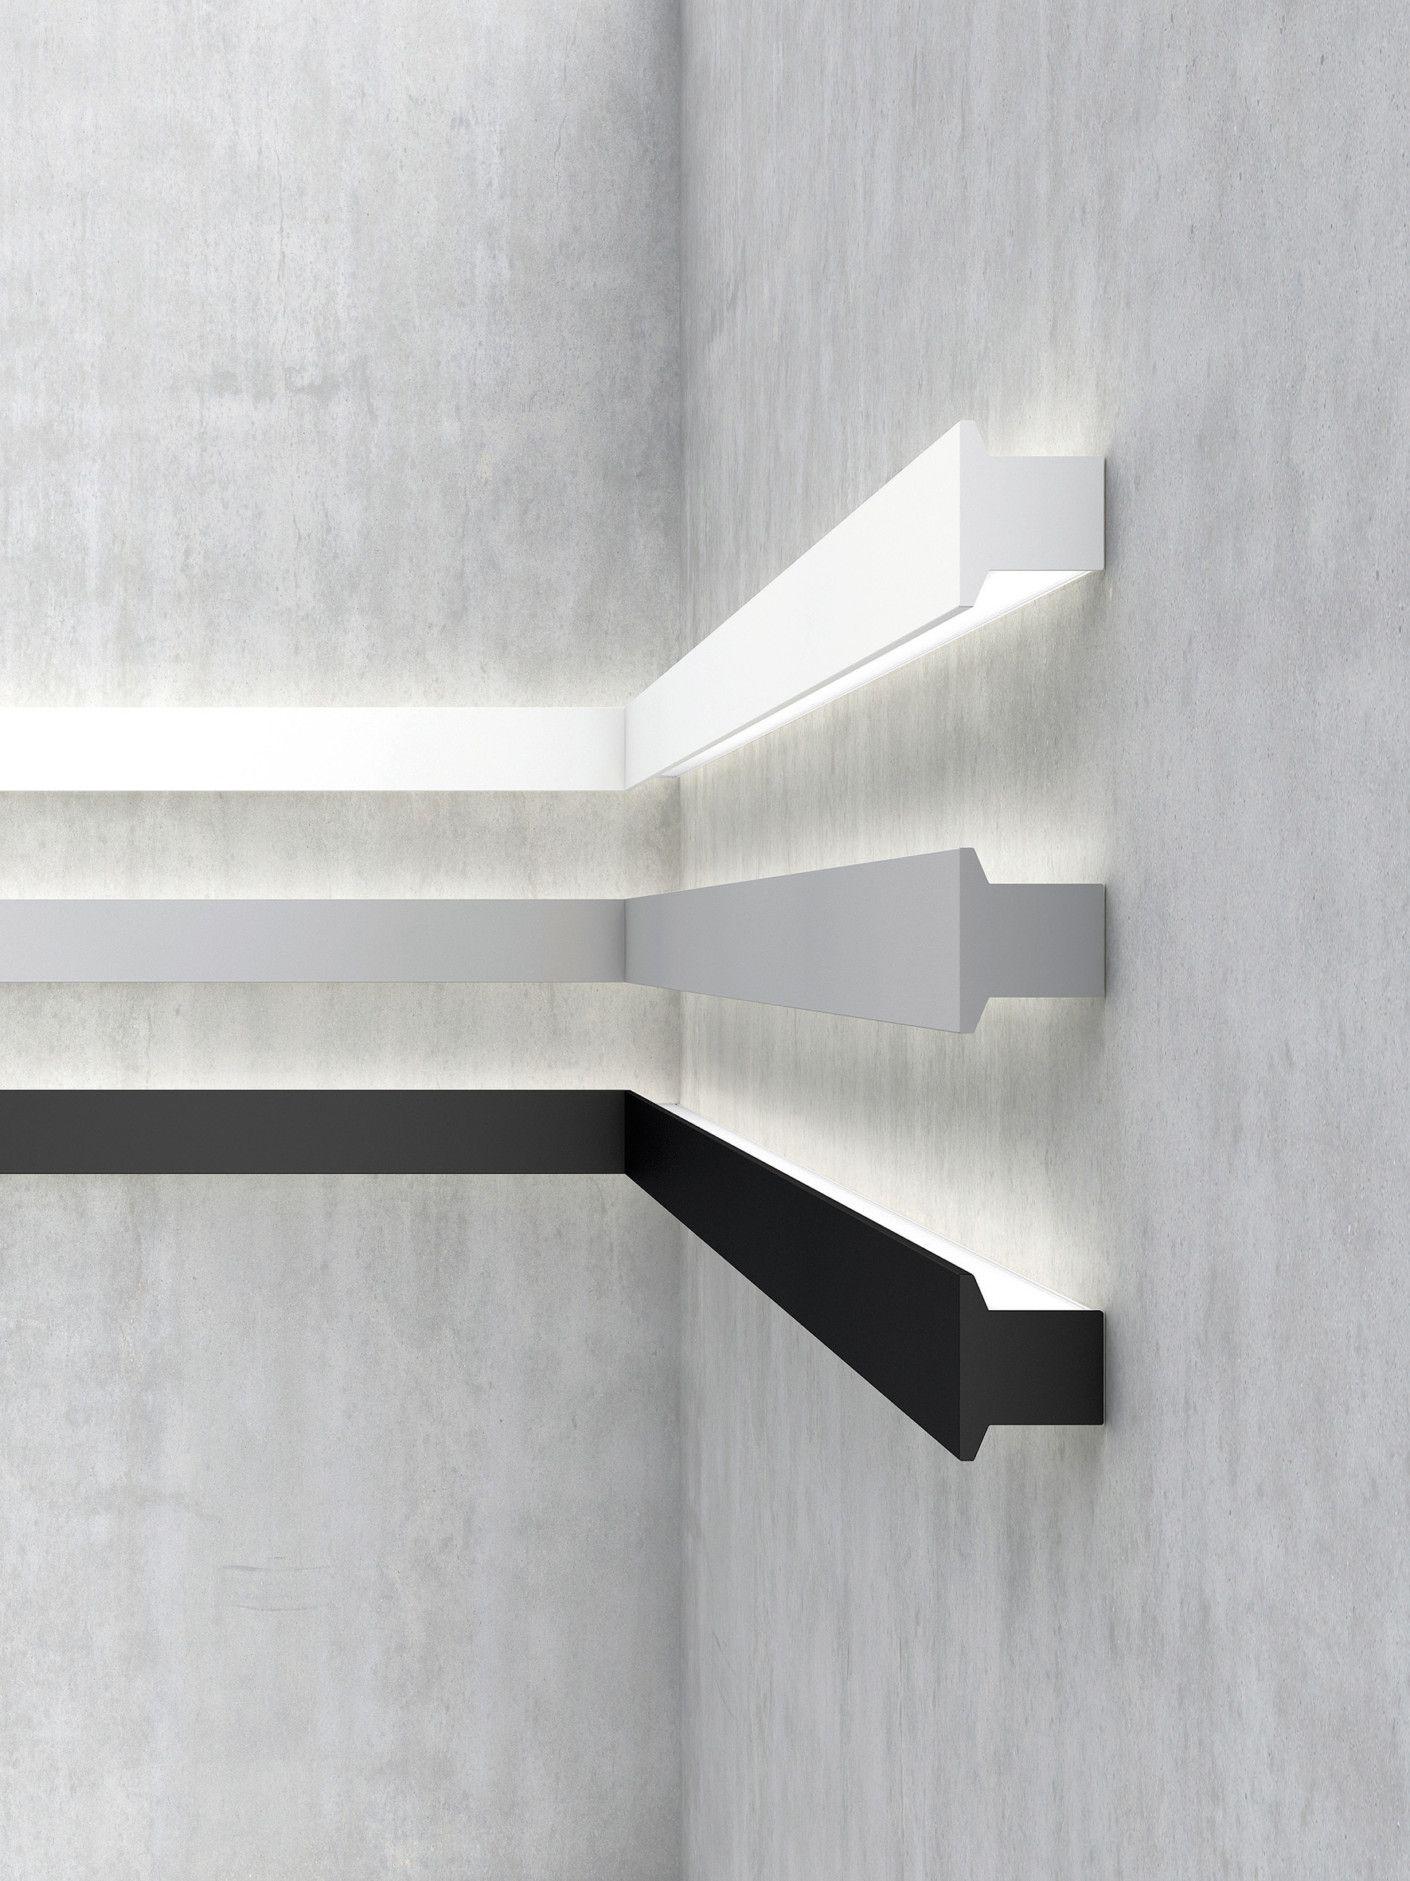 Pin Von Emanuel Fromling Auf Licht In 2020 Treppenhaus Beleuchtung Beleuchtung Wohnzimmer Decke Und Beleuchtung Wohnzimmer